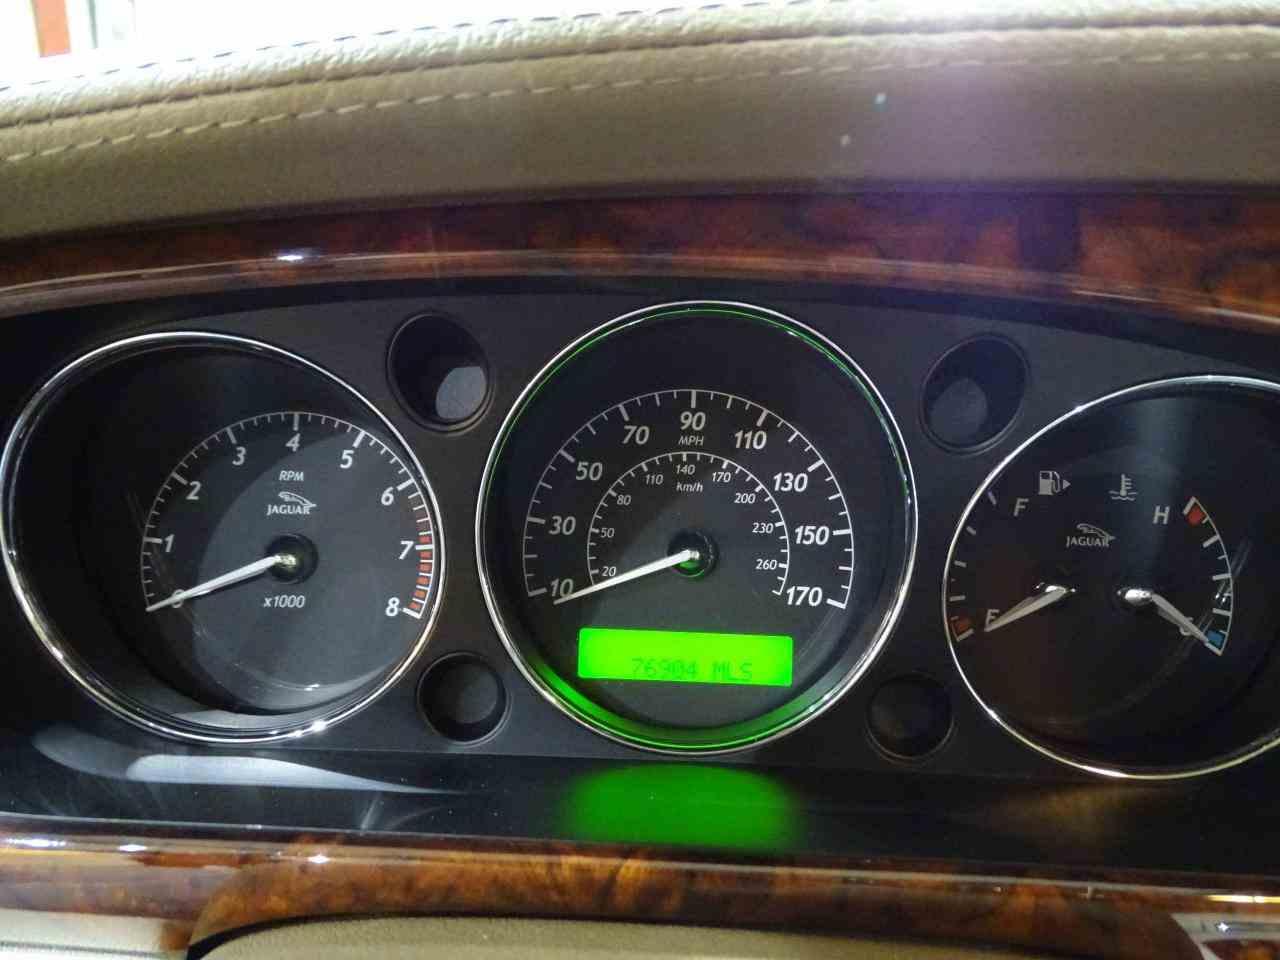 Large Picture of '06 Jaguar XJ8 - $14,995.00 - MFNT